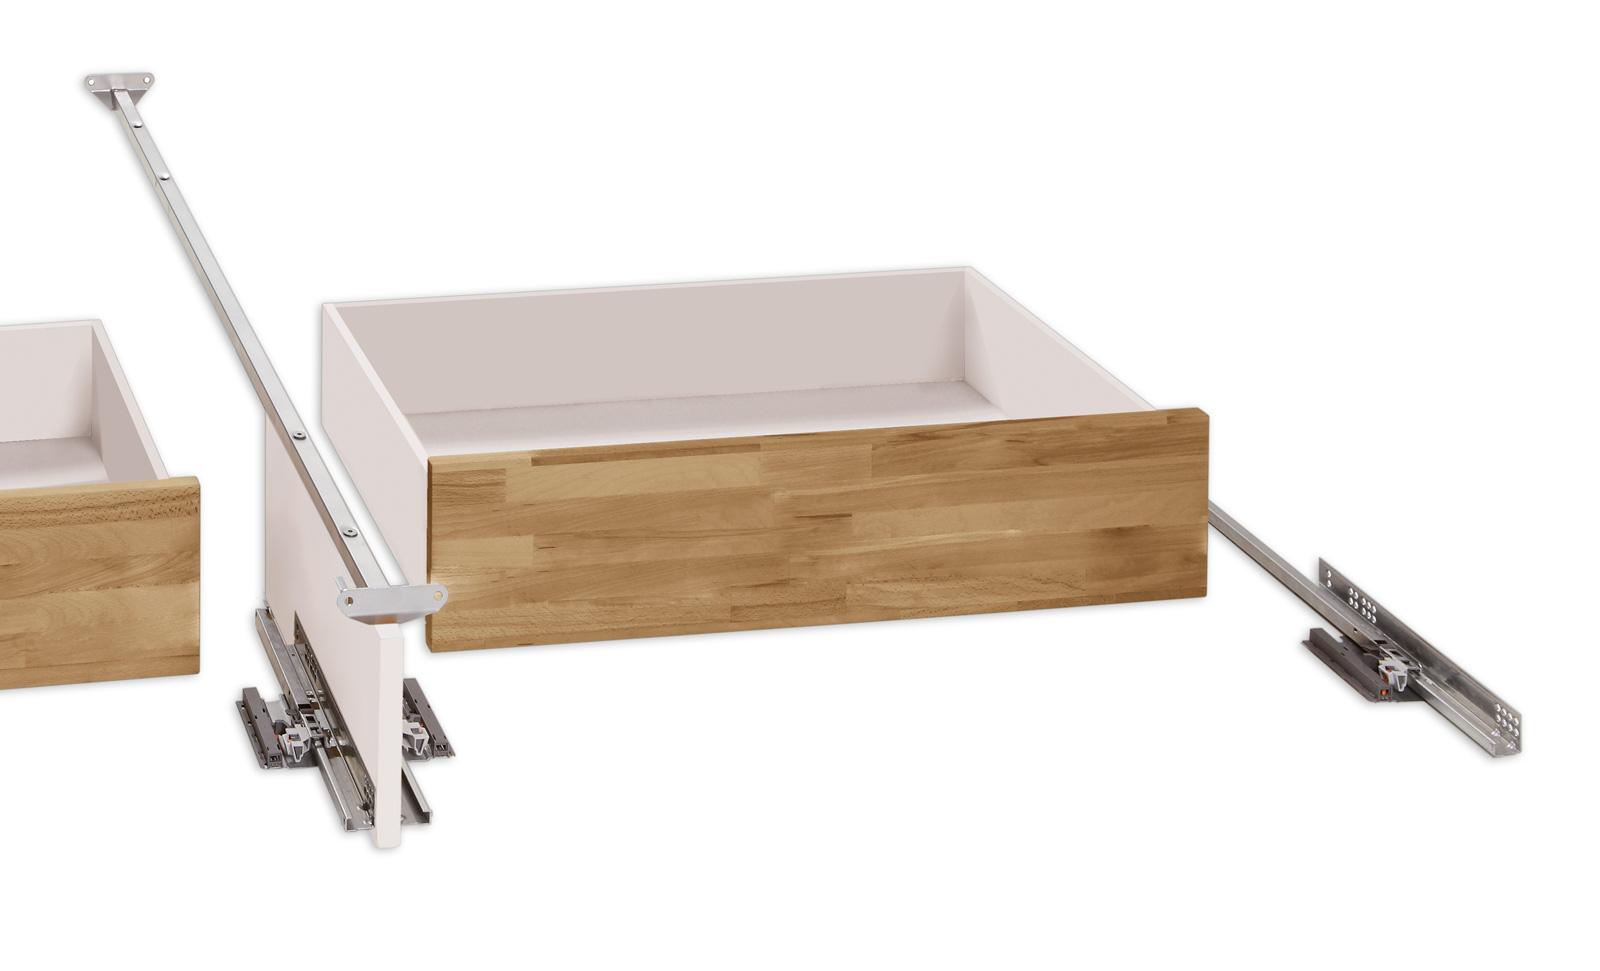 einzelbett aus holz mit schubladen kaufen leova. Black Bedroom Furniture Sets. Home Design Ideas